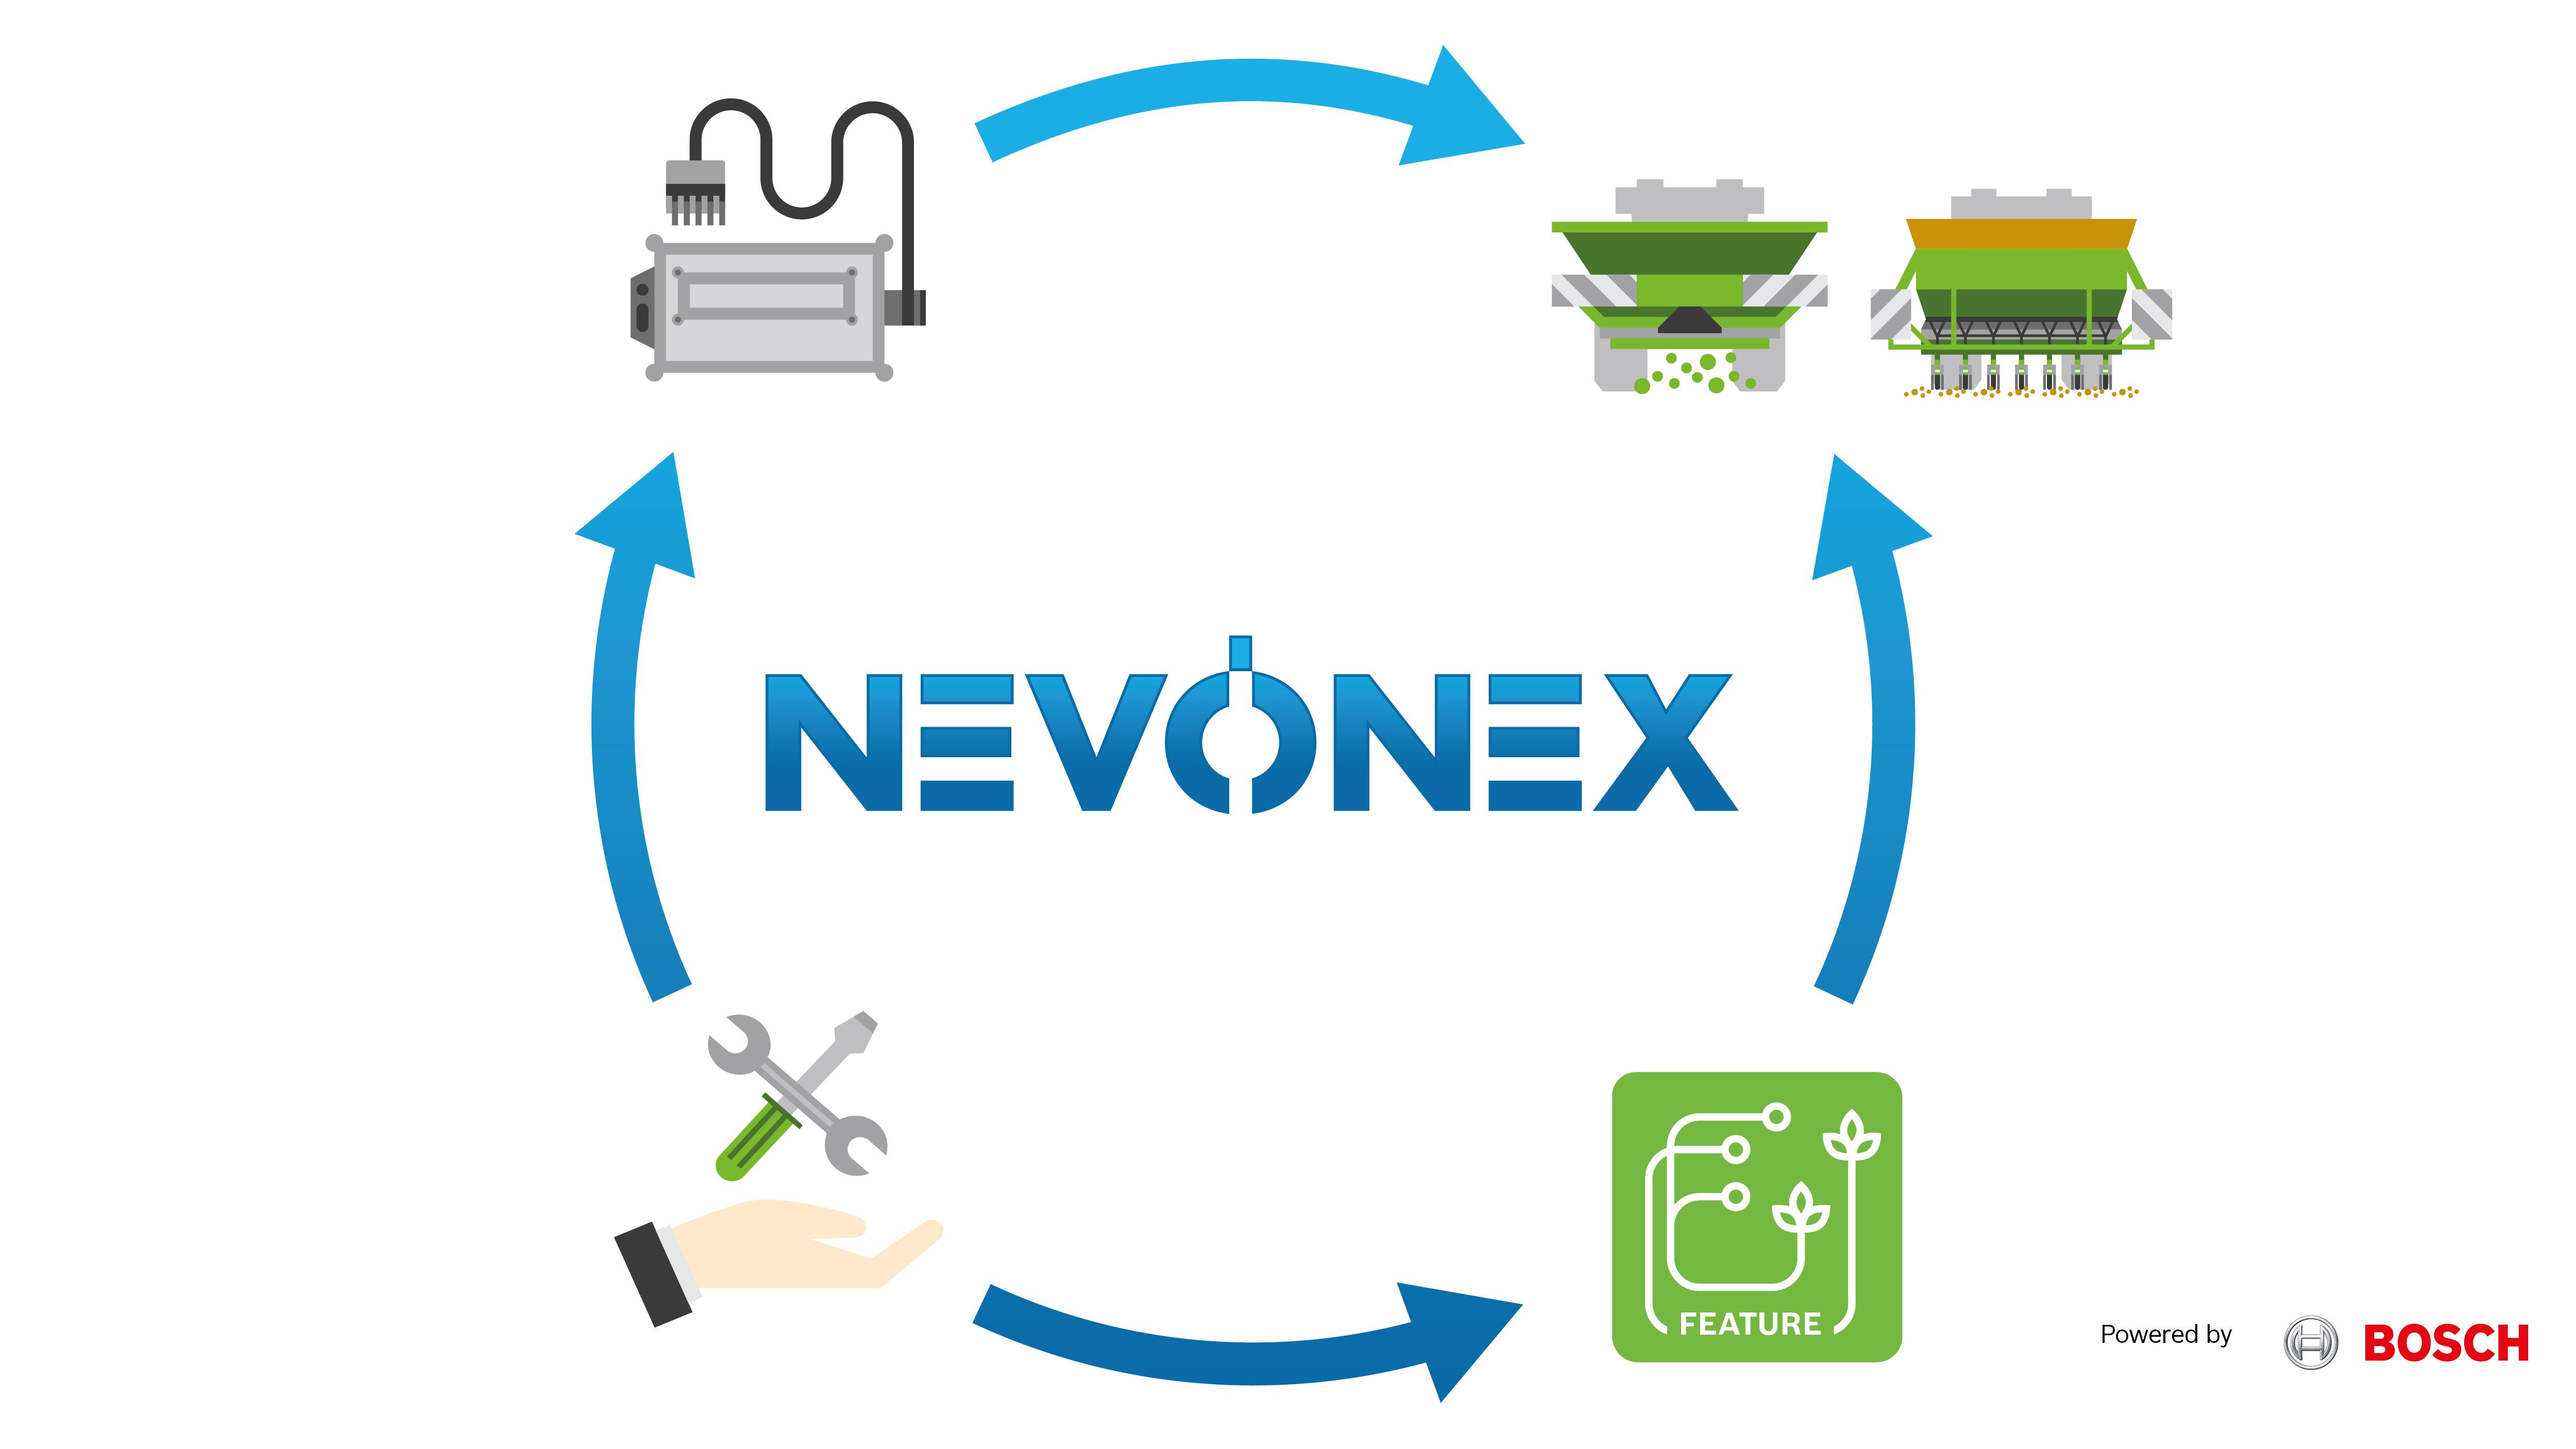 NEVONEX powered by Bosch